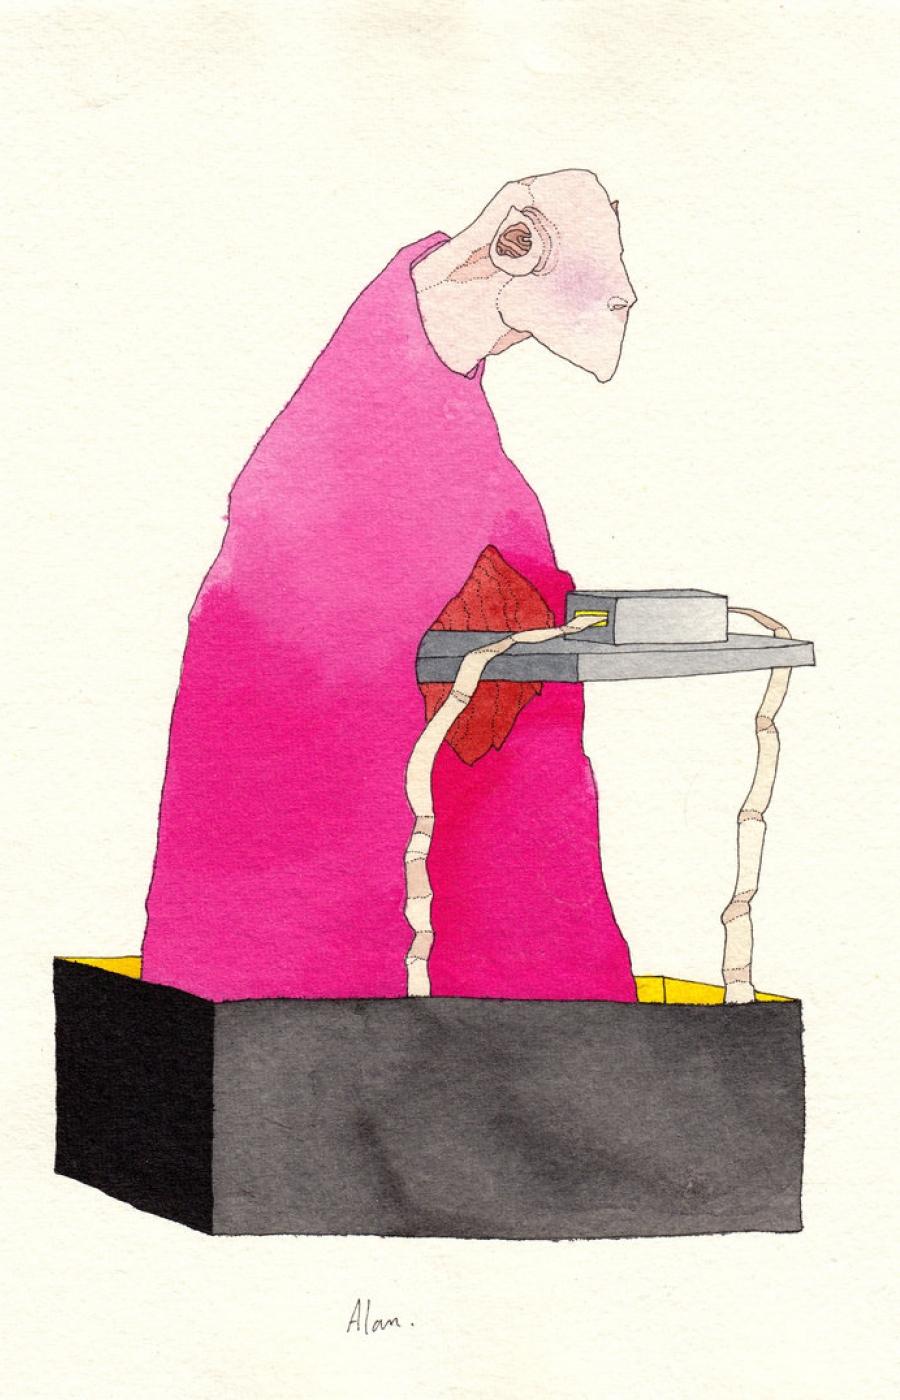 <b>Clément Bataille</b>, <em>Alan</em>, Encre et aquarelle sur papier recyclé, 2016 /21x29,7cm